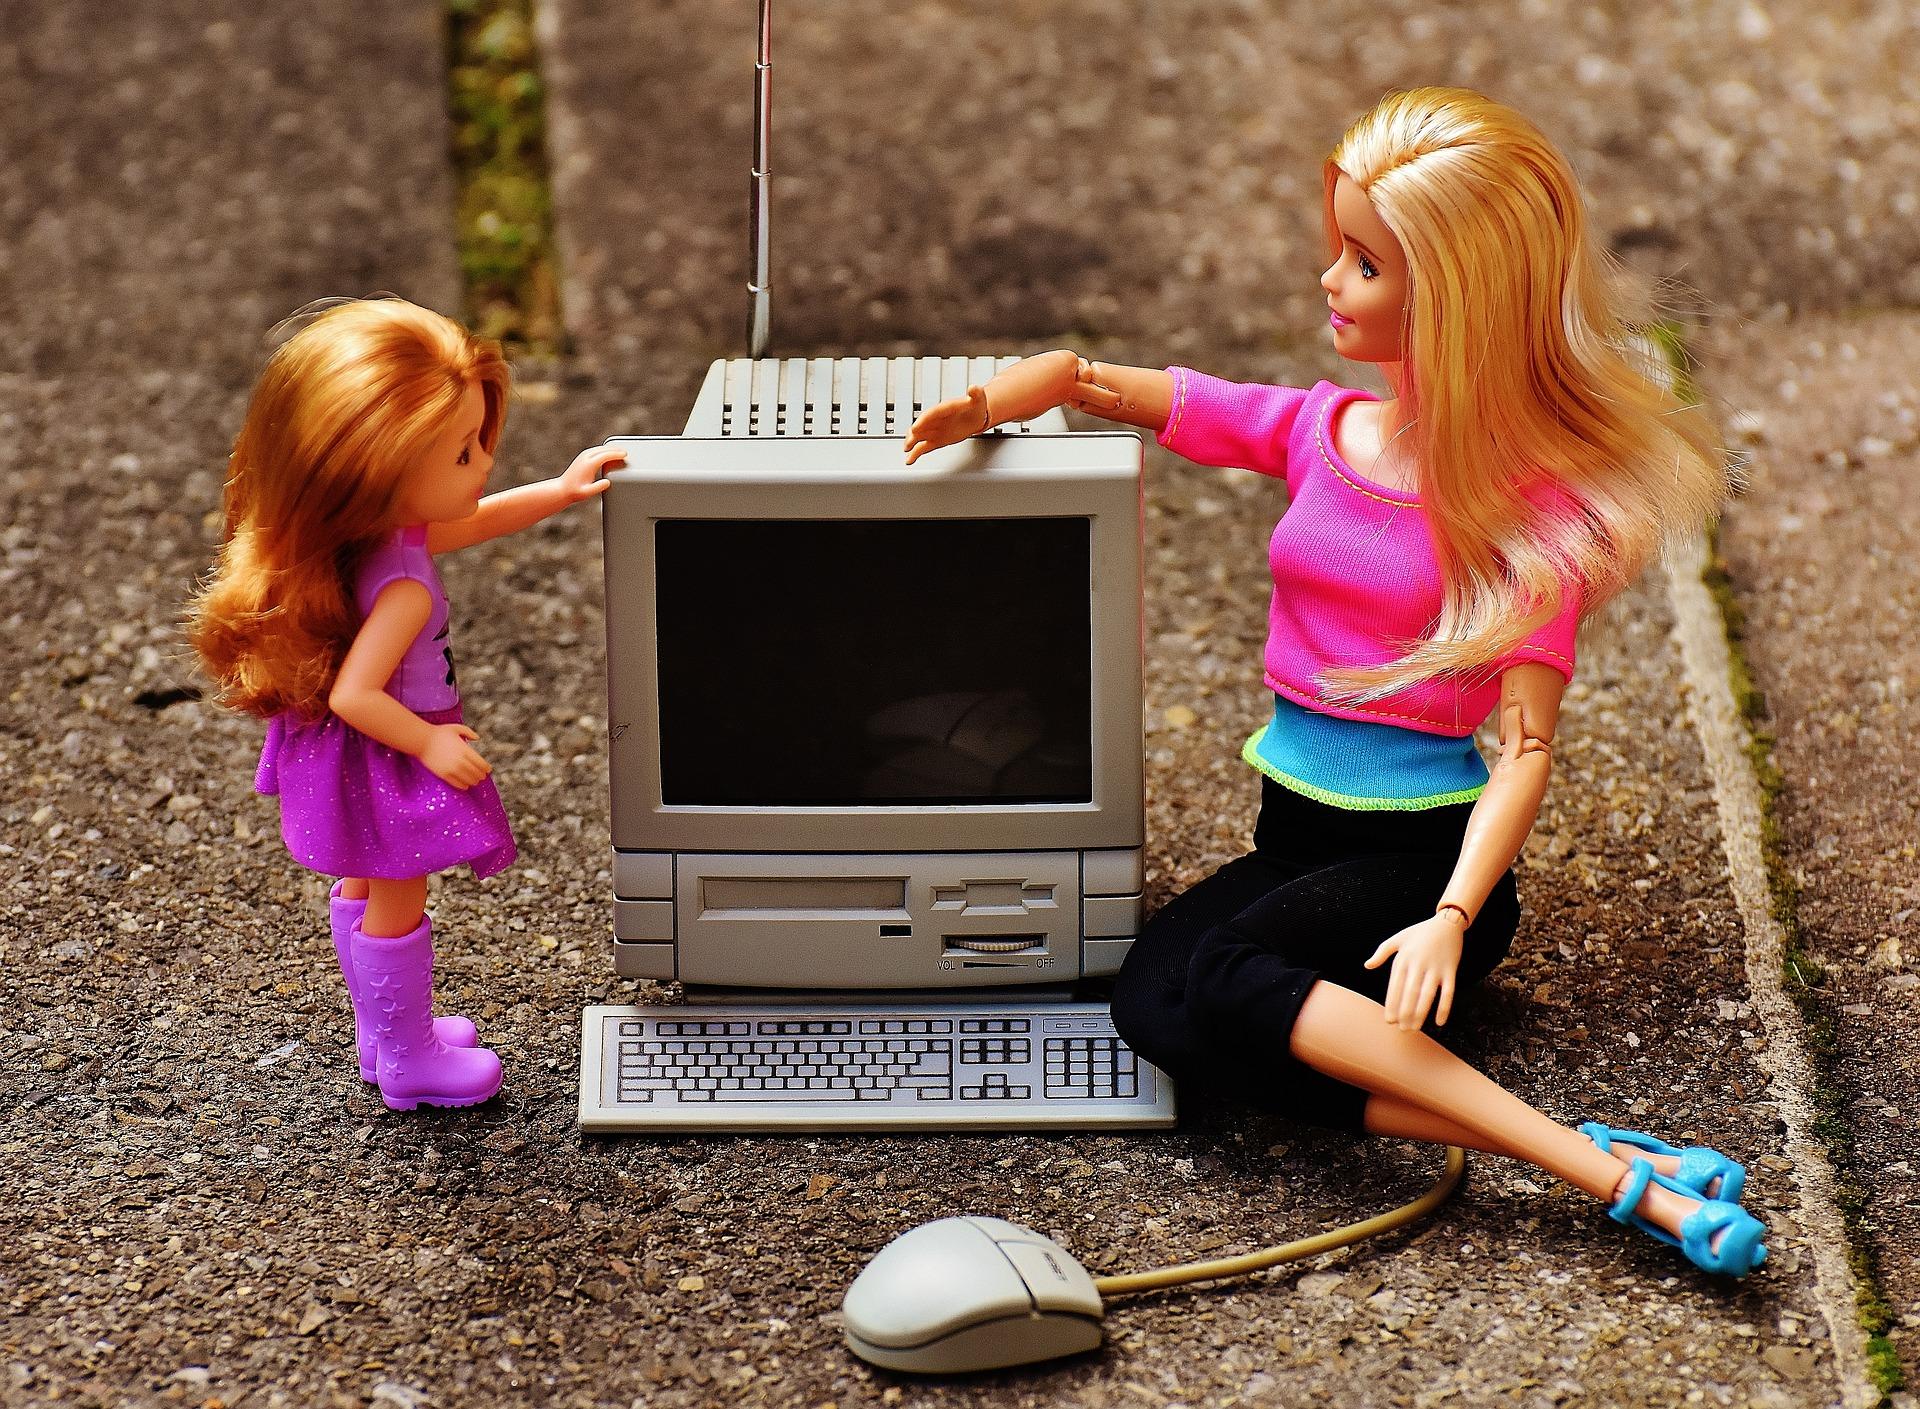 barbie_computer.jpg